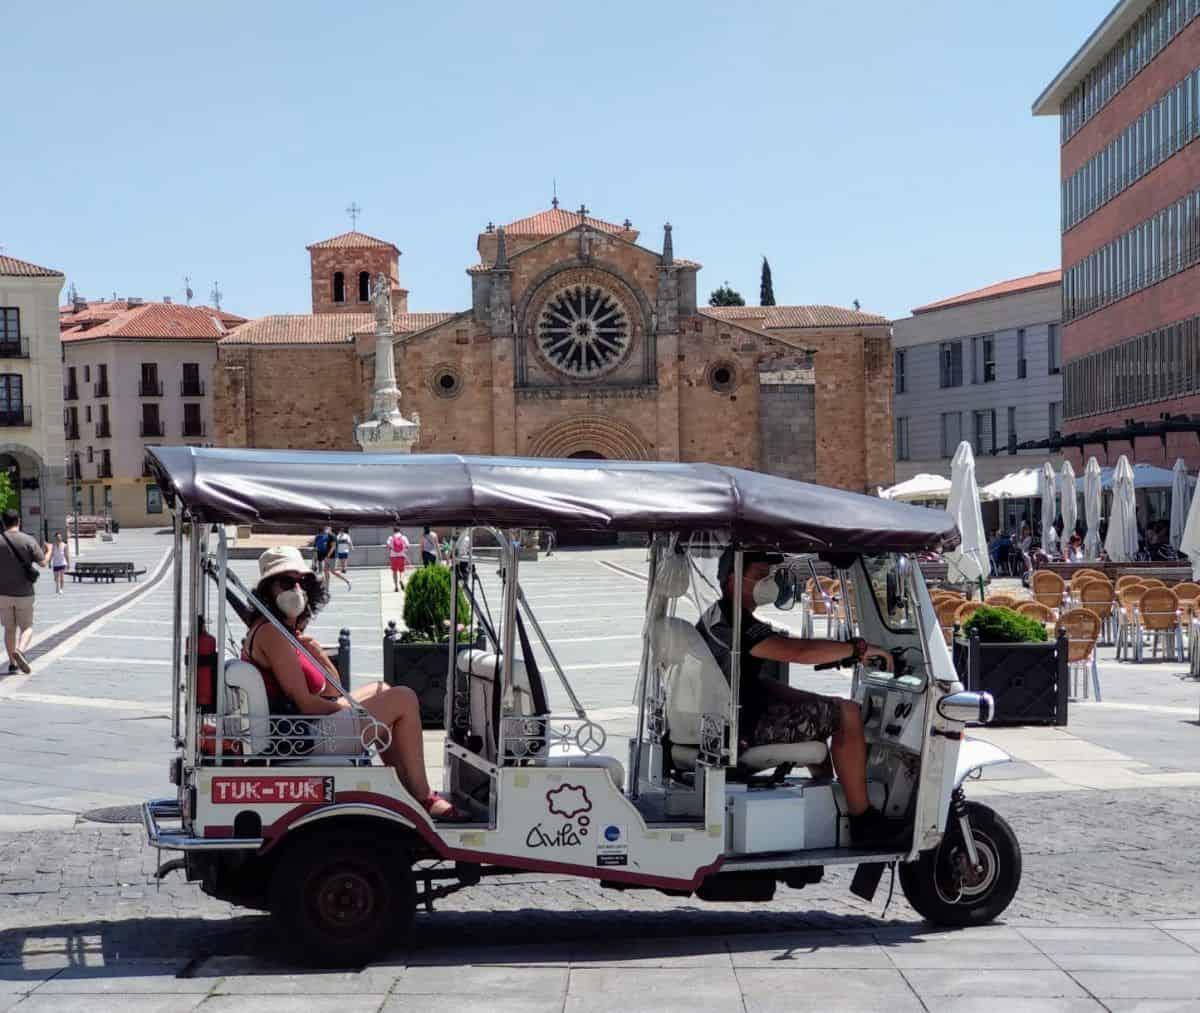 Recorrido turístico en Ávila Tuk tuk